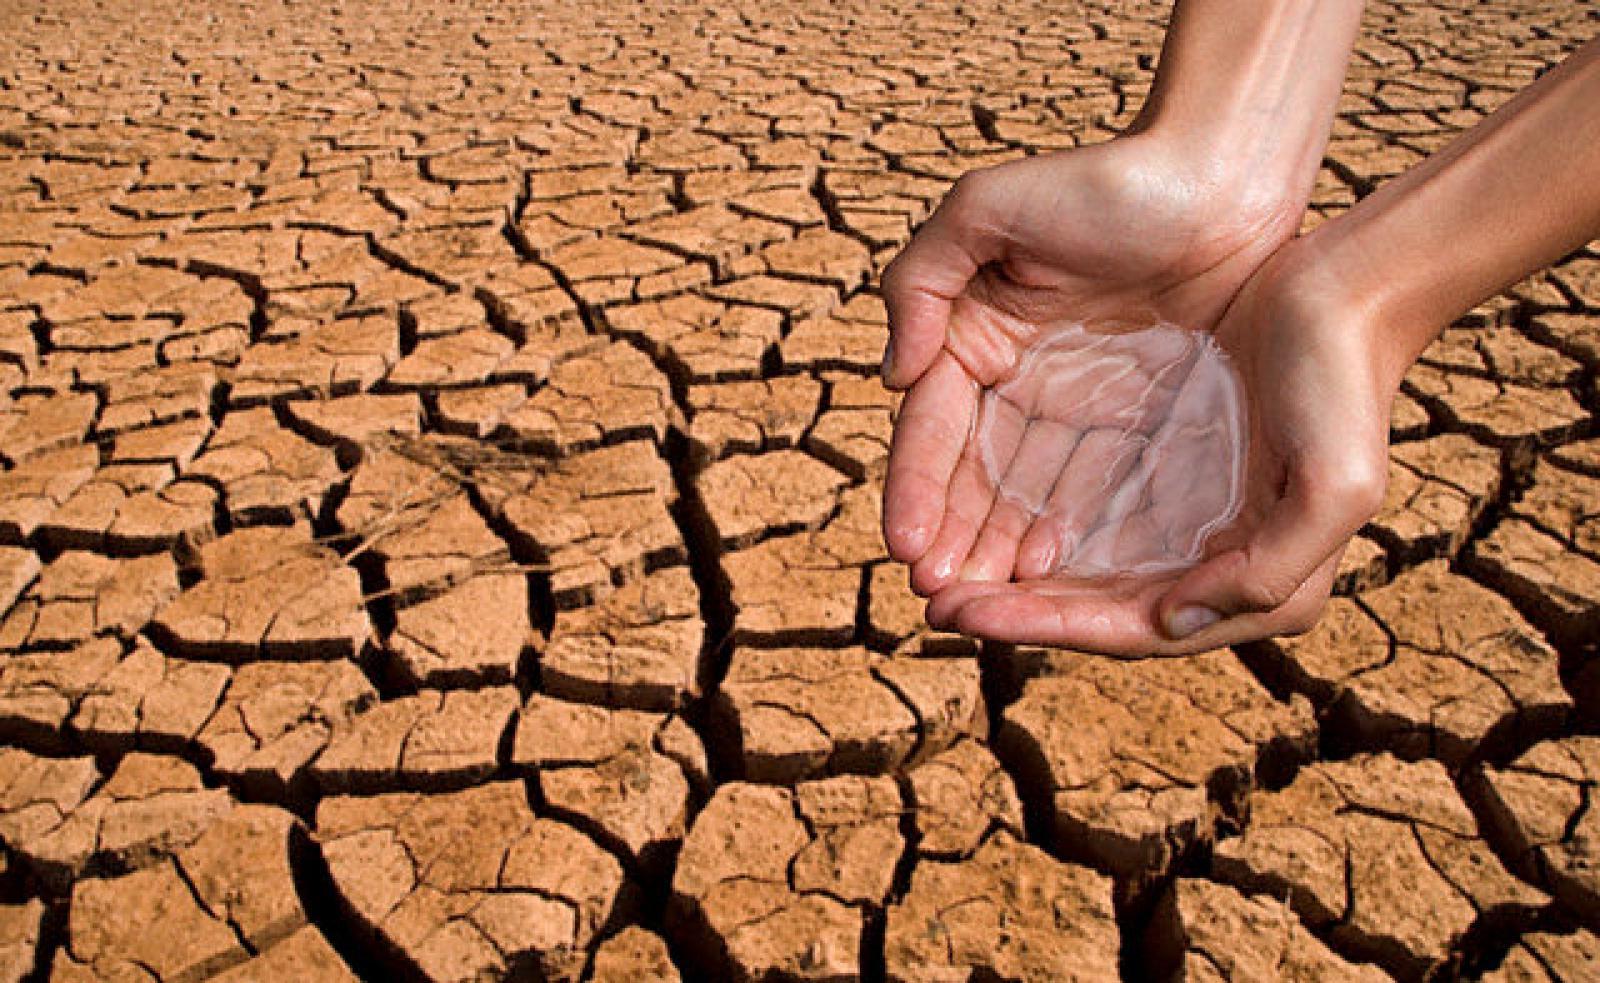 Якими будуть наслідки аномальної зими: українцям варто готуватися до дефіциту води - річки, Вода - 28 voda